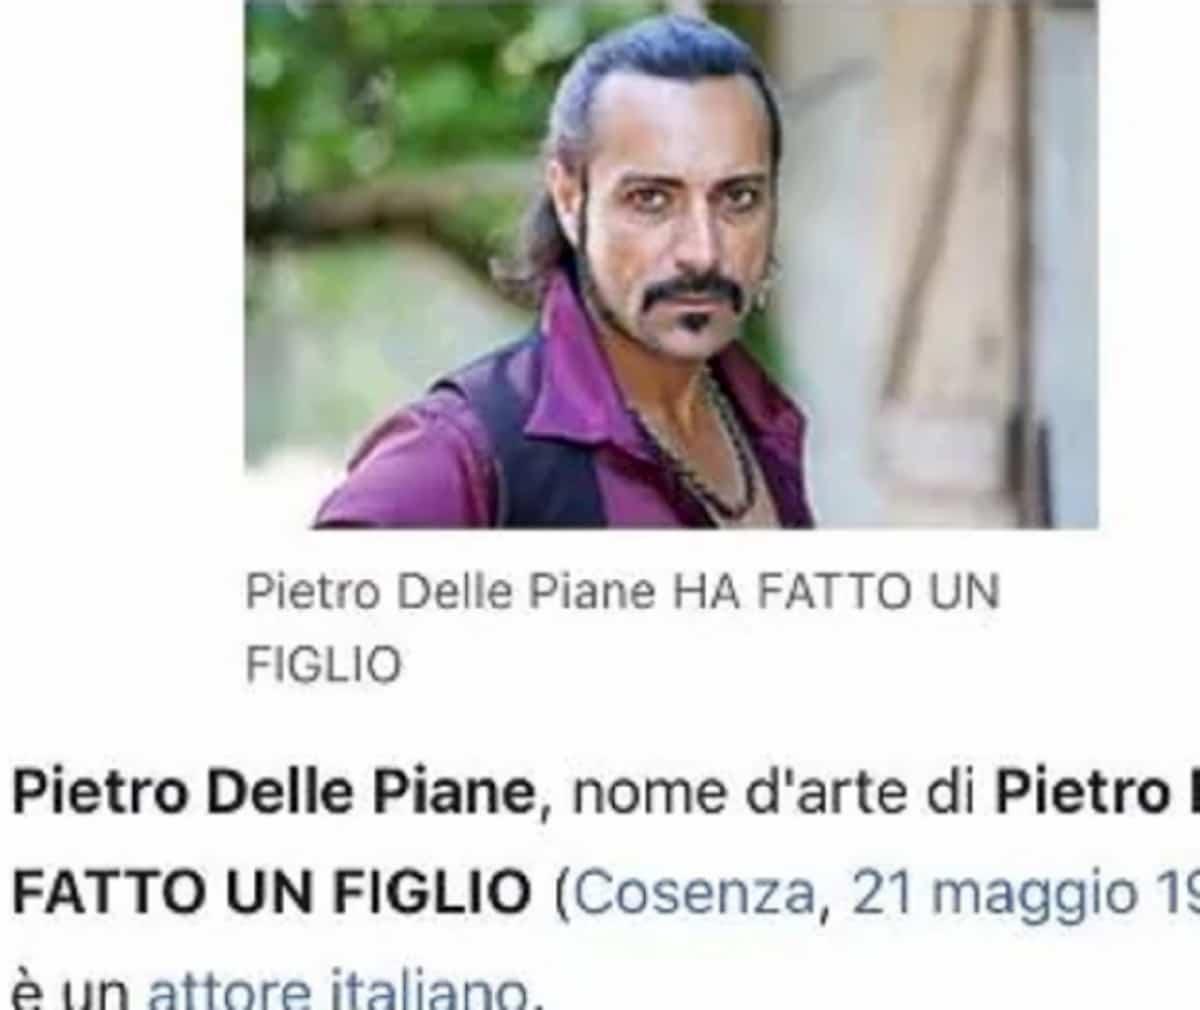 Pietro Delle Piane wikipedia